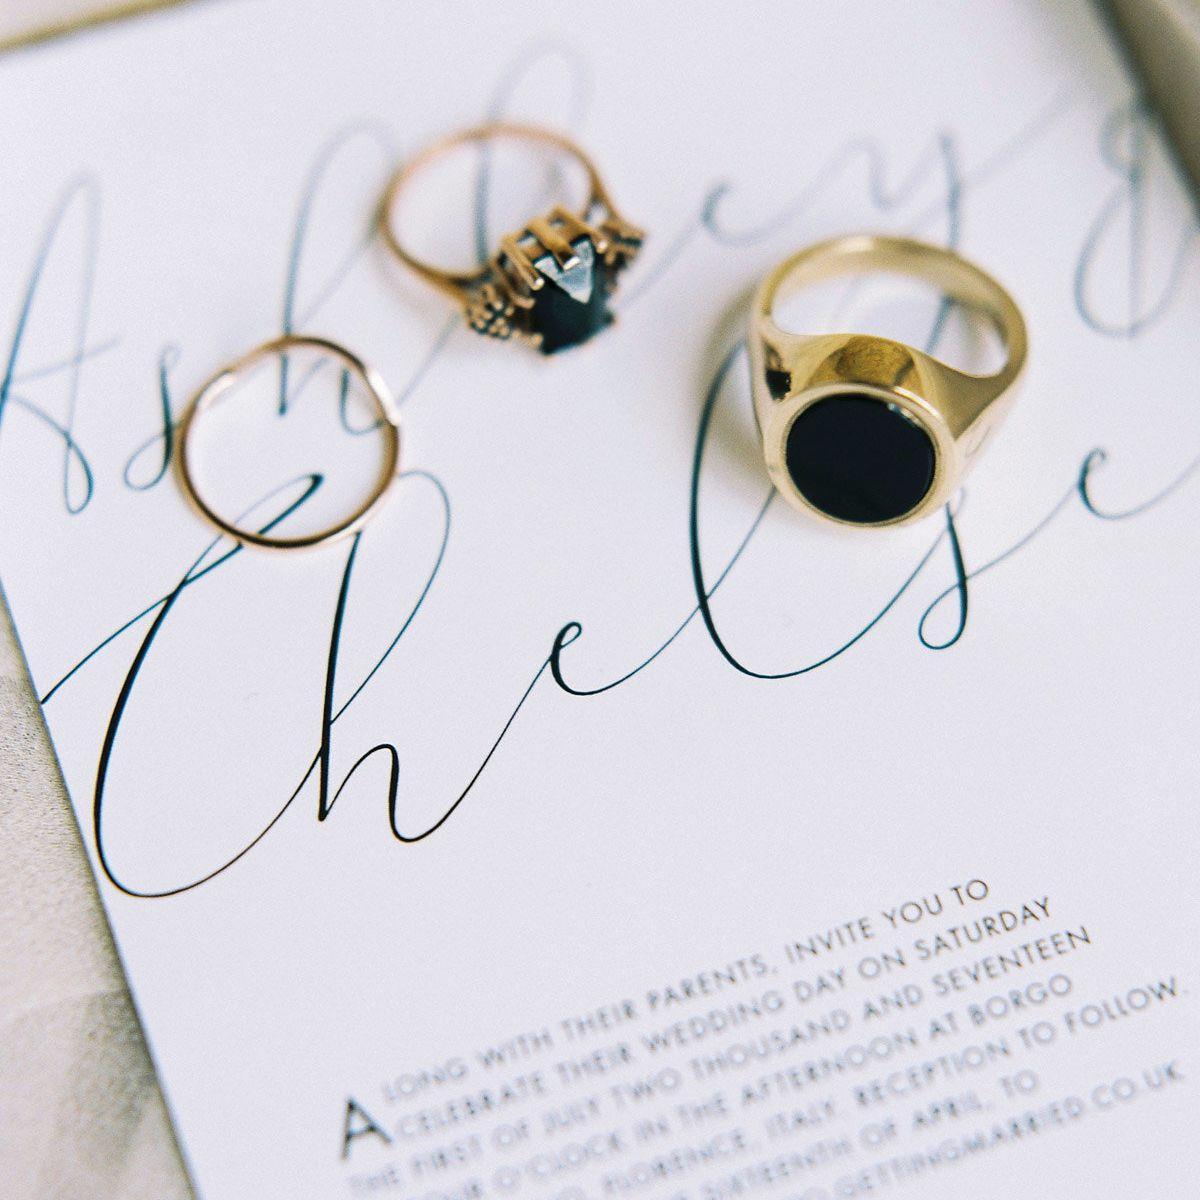 <p>Black diamond wedding rings</p>